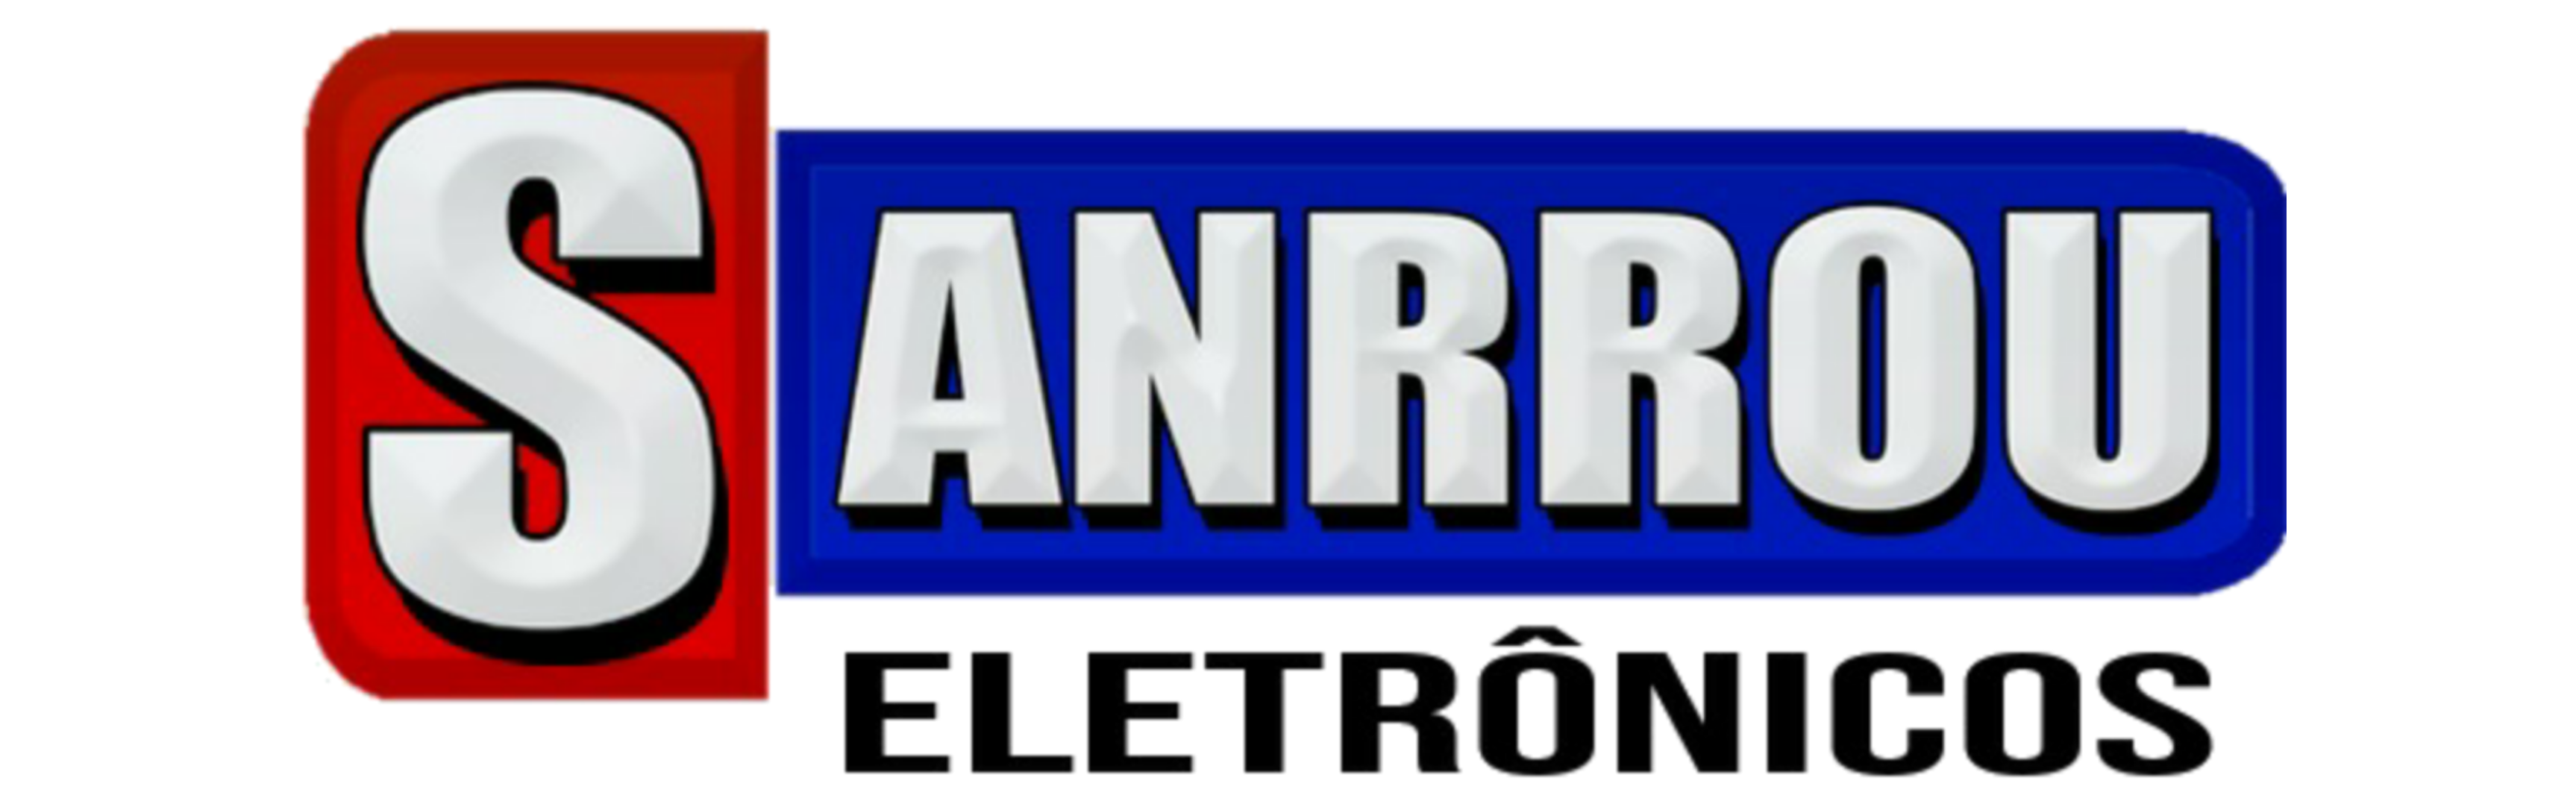 Sanrrou